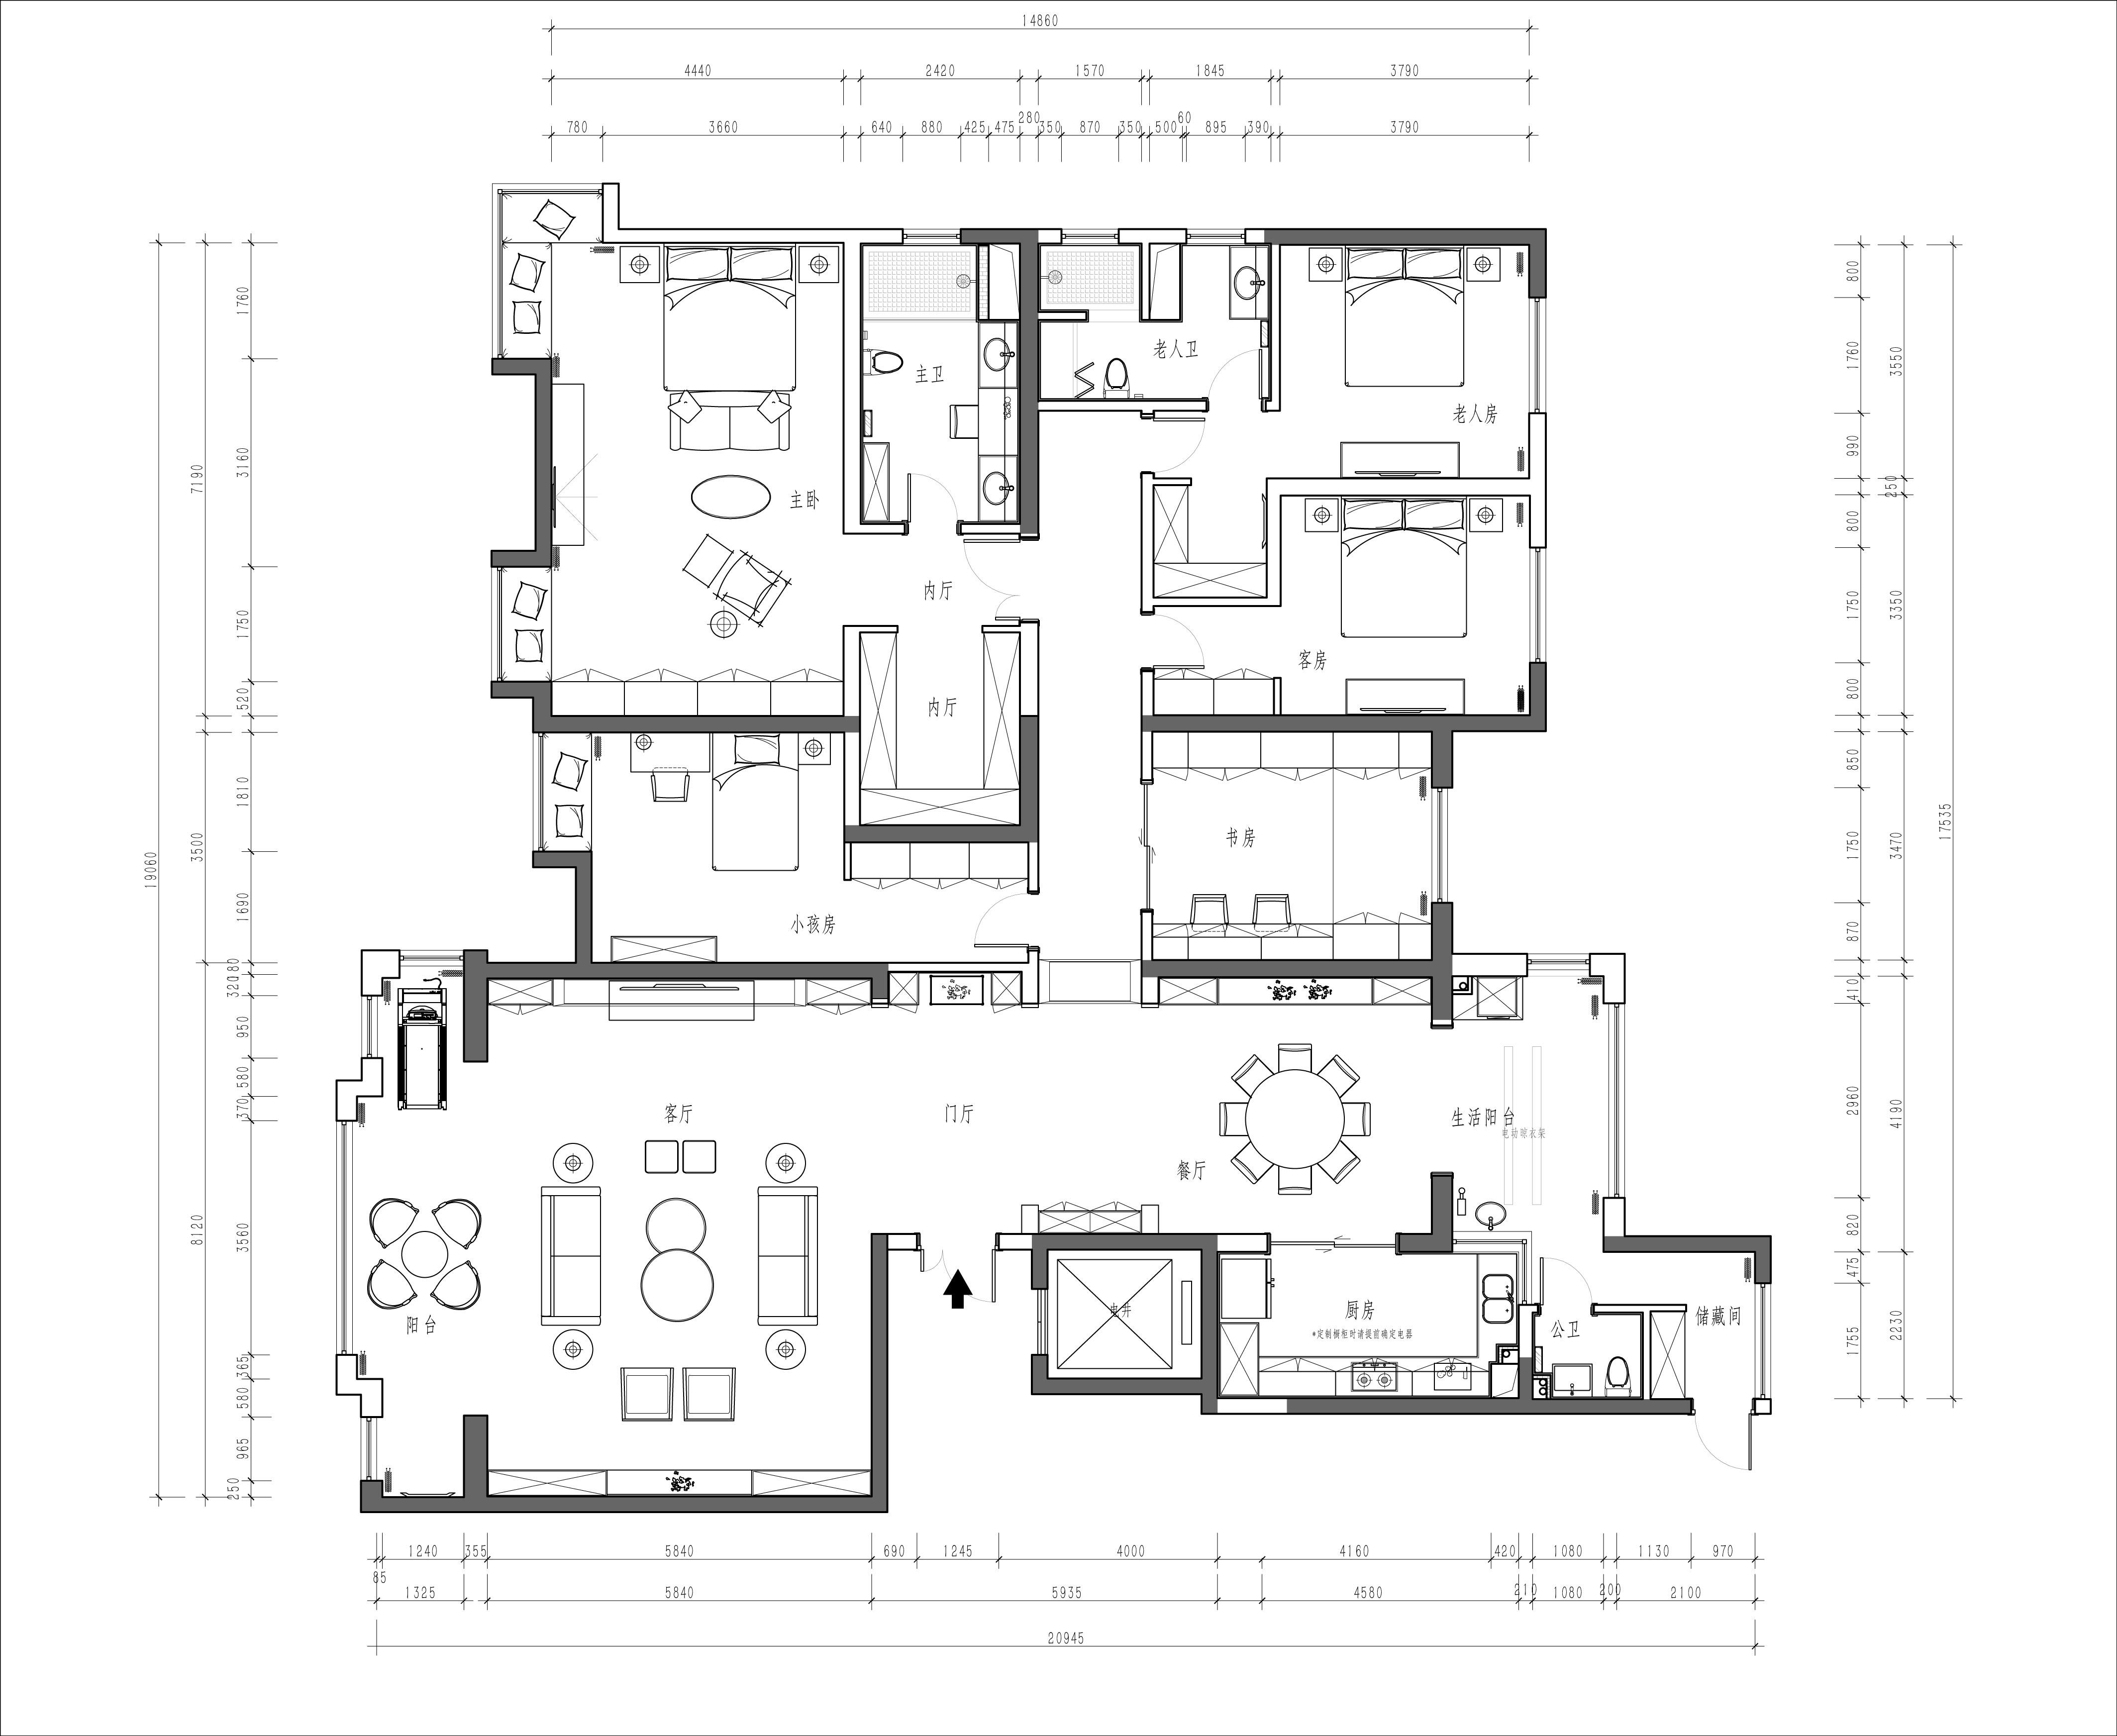 碧桂园-330平米-现代简约风格别墅装修效果图装修设计理念